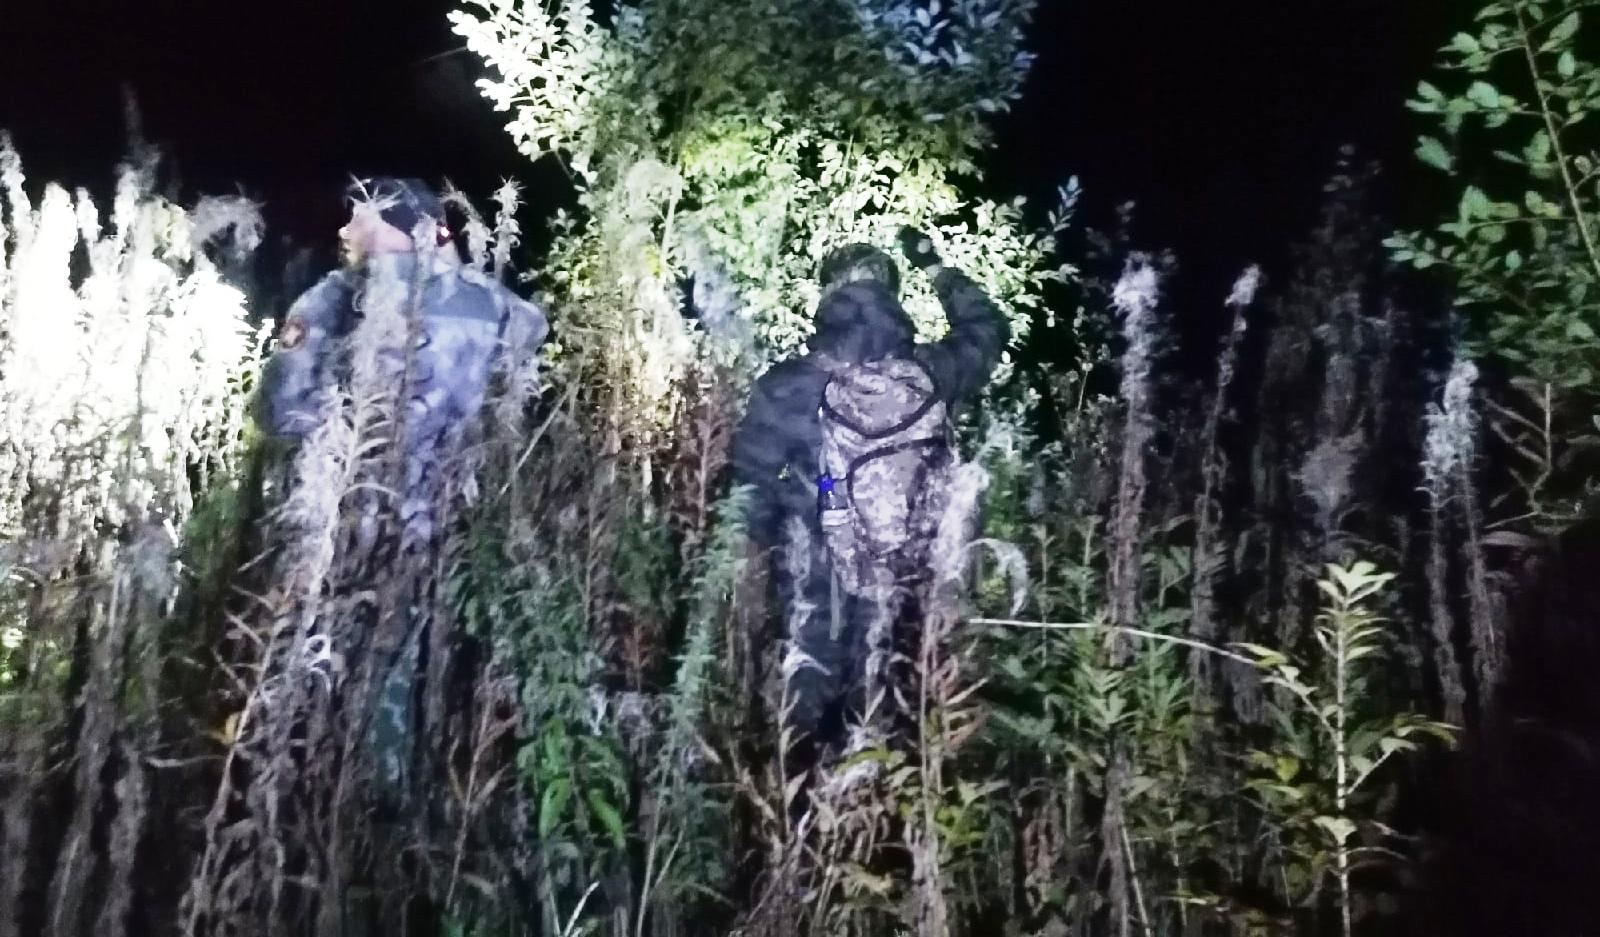 Пропавшего 82-летнего дедушку нашли в костромском лесу спустя три дня